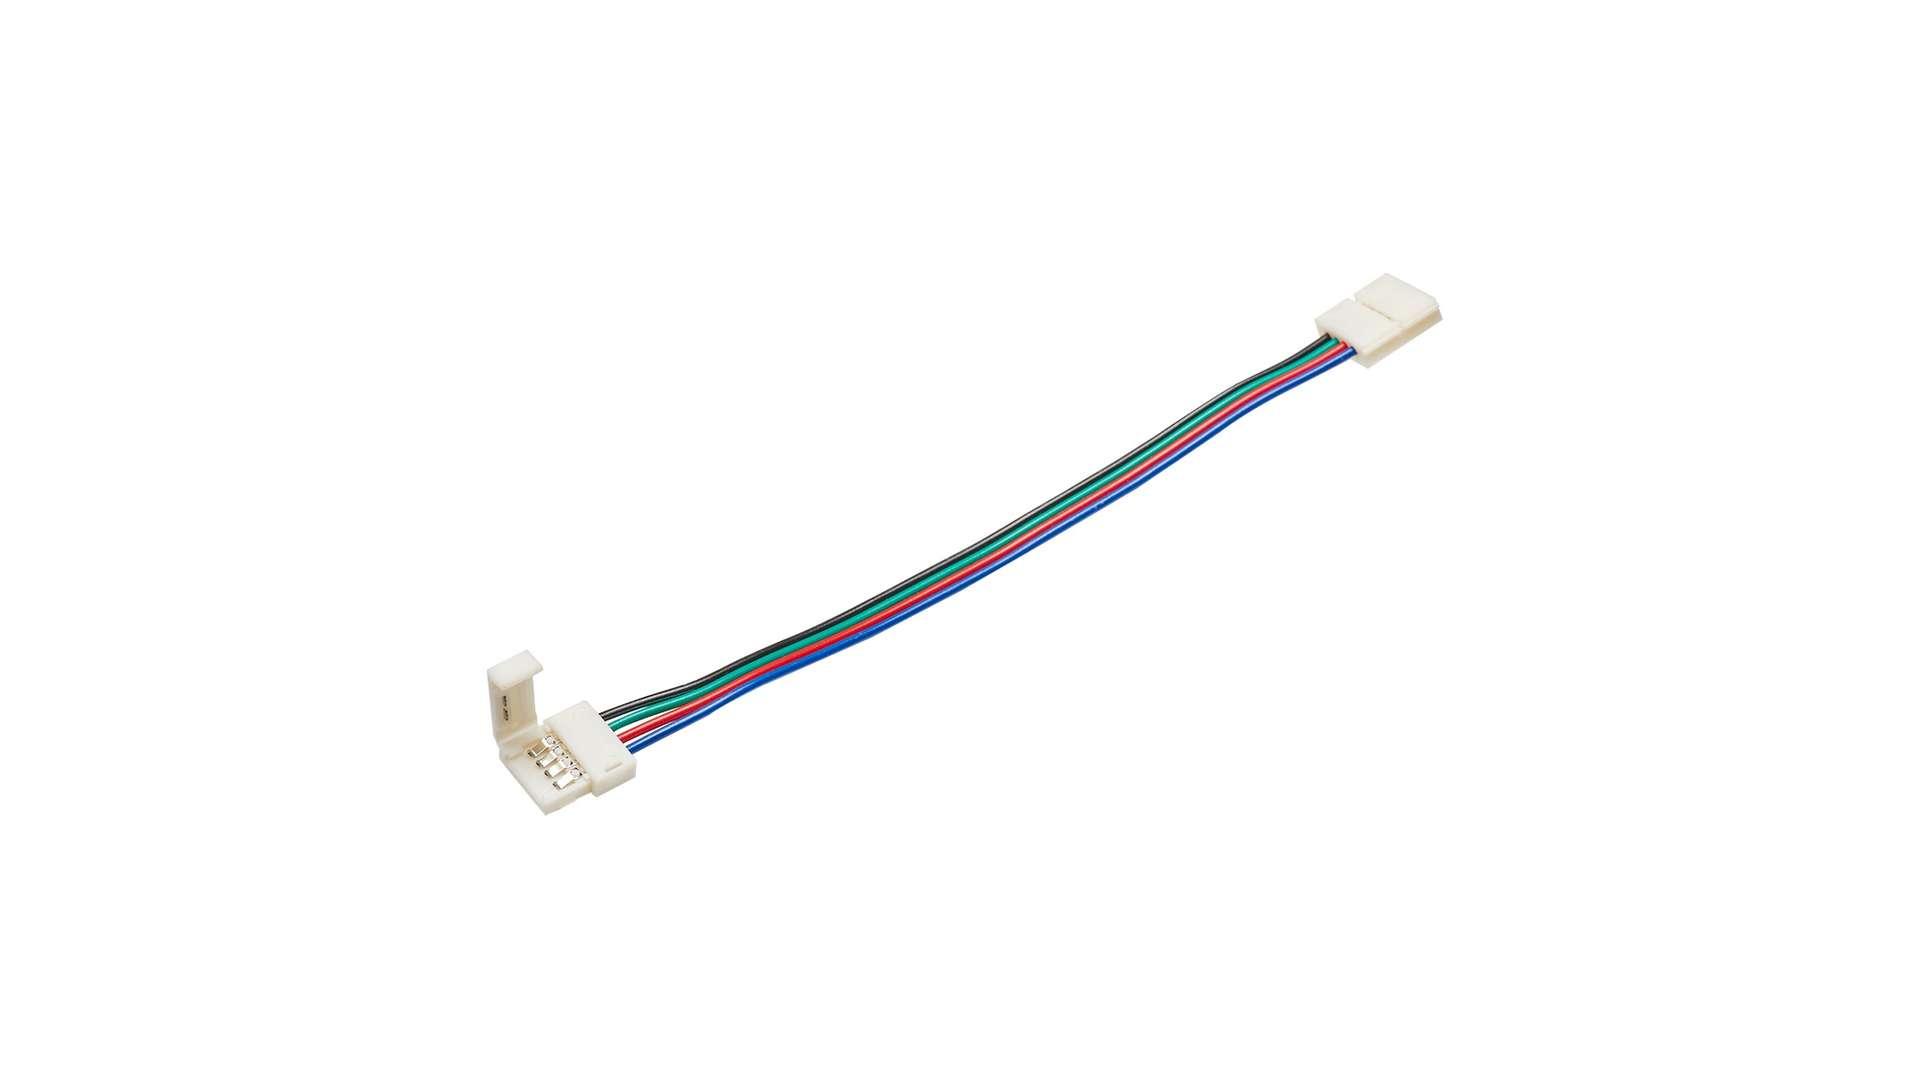 Złącze taśmy RGB 10mm 2-stronne przewód z zatrz.